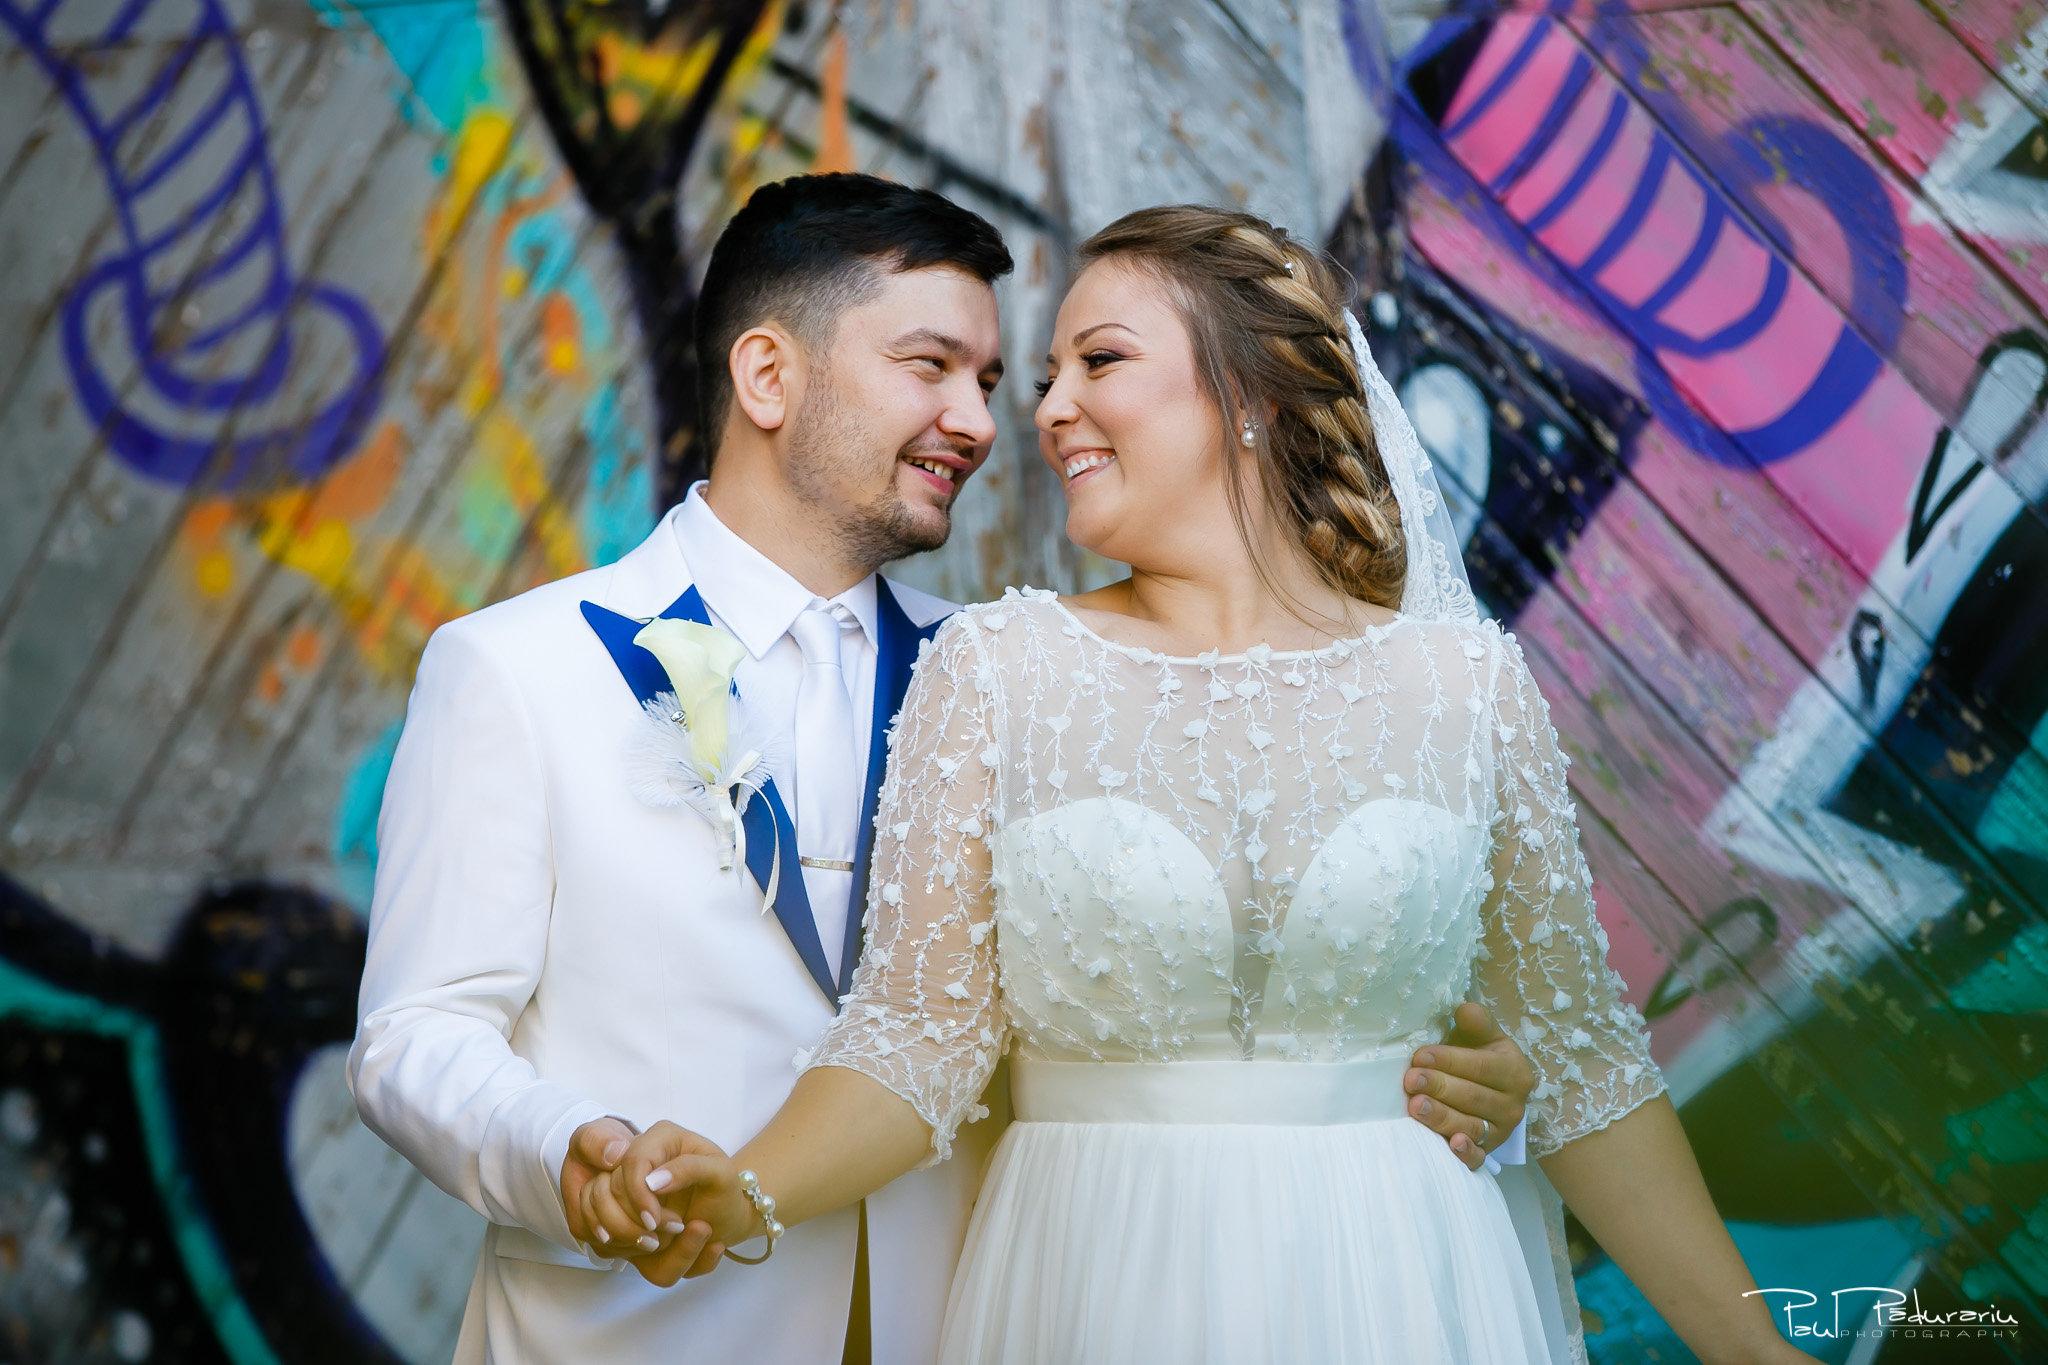 Sedinta foto nunta Ema si Tudor fotograf profesionist de nunta iasi www.paulpadurariu.ro © 2017 Paul Padurariu cadru miri 2